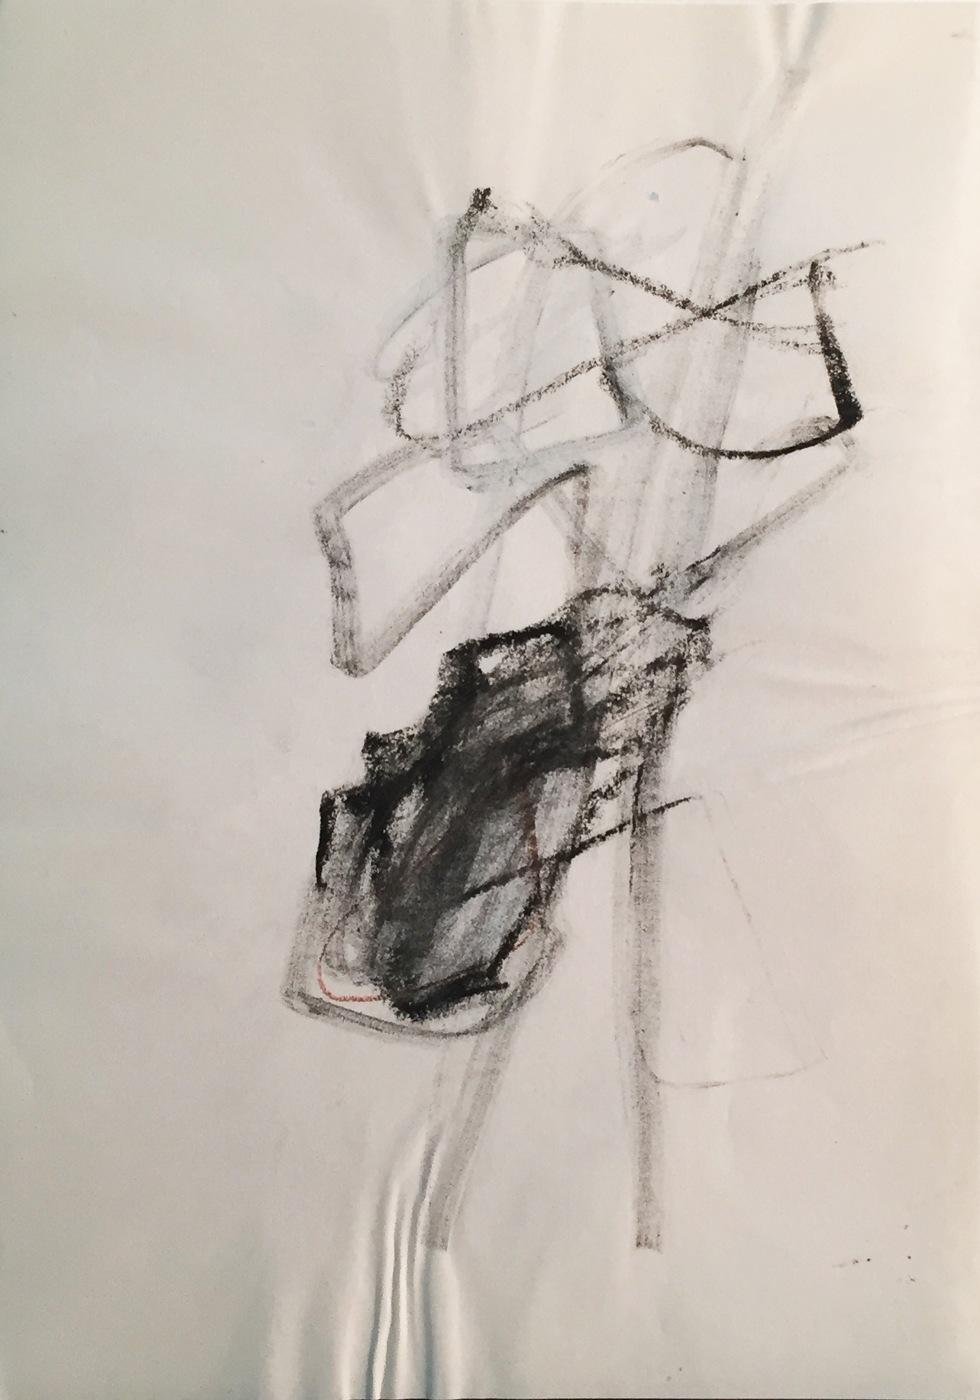 MARC FELD 2003 LIEN SANS LIEU Fusain sur papier 21 x 29.7 cm